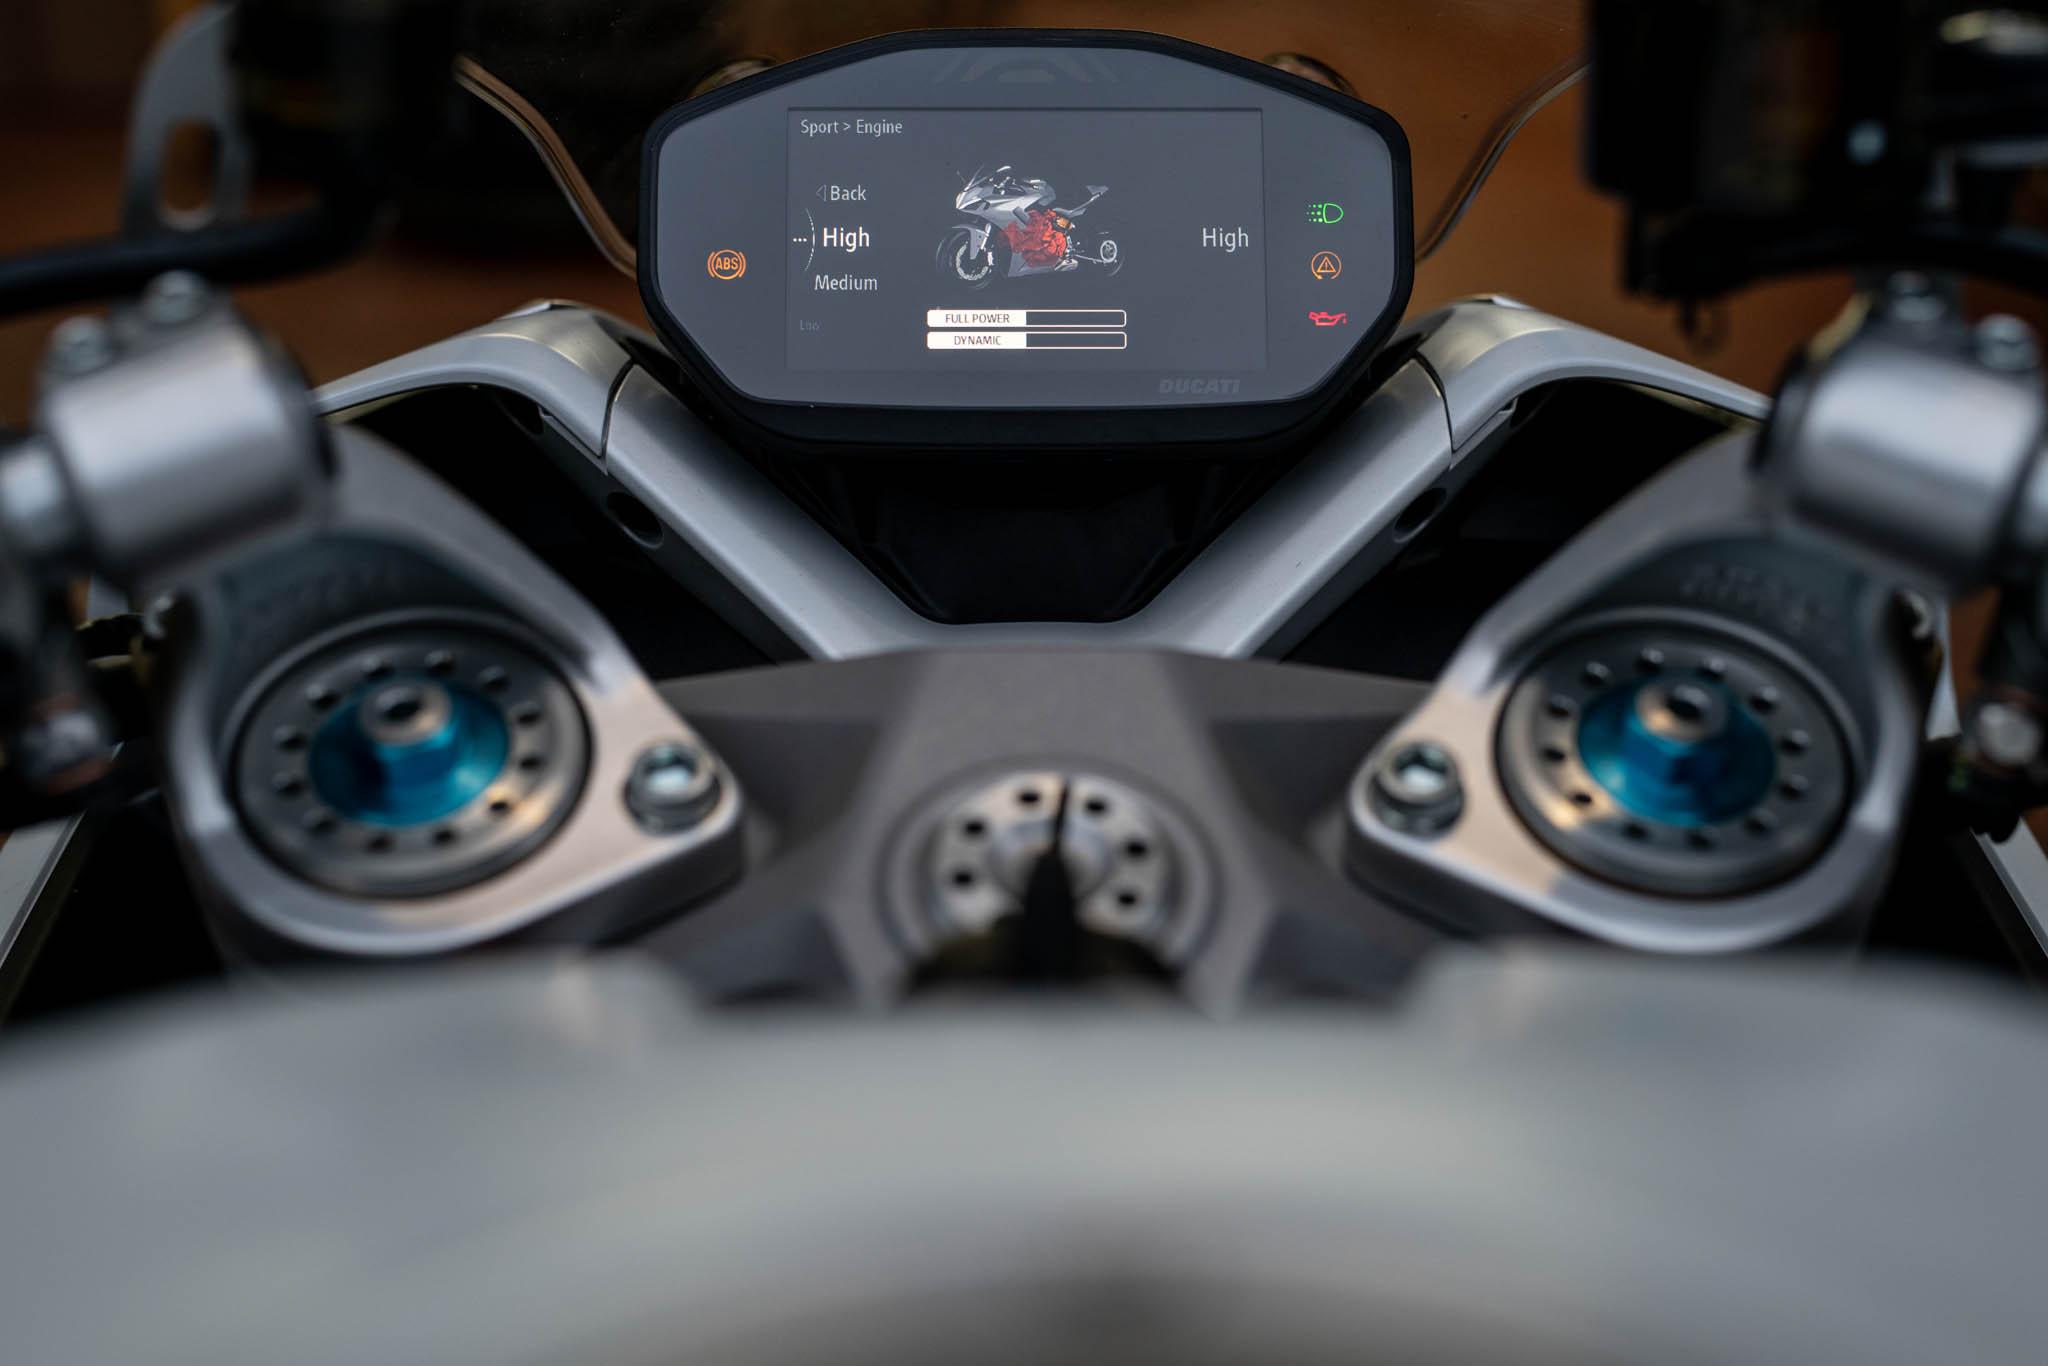 Ducati_SuperSport_950_2021_details-23